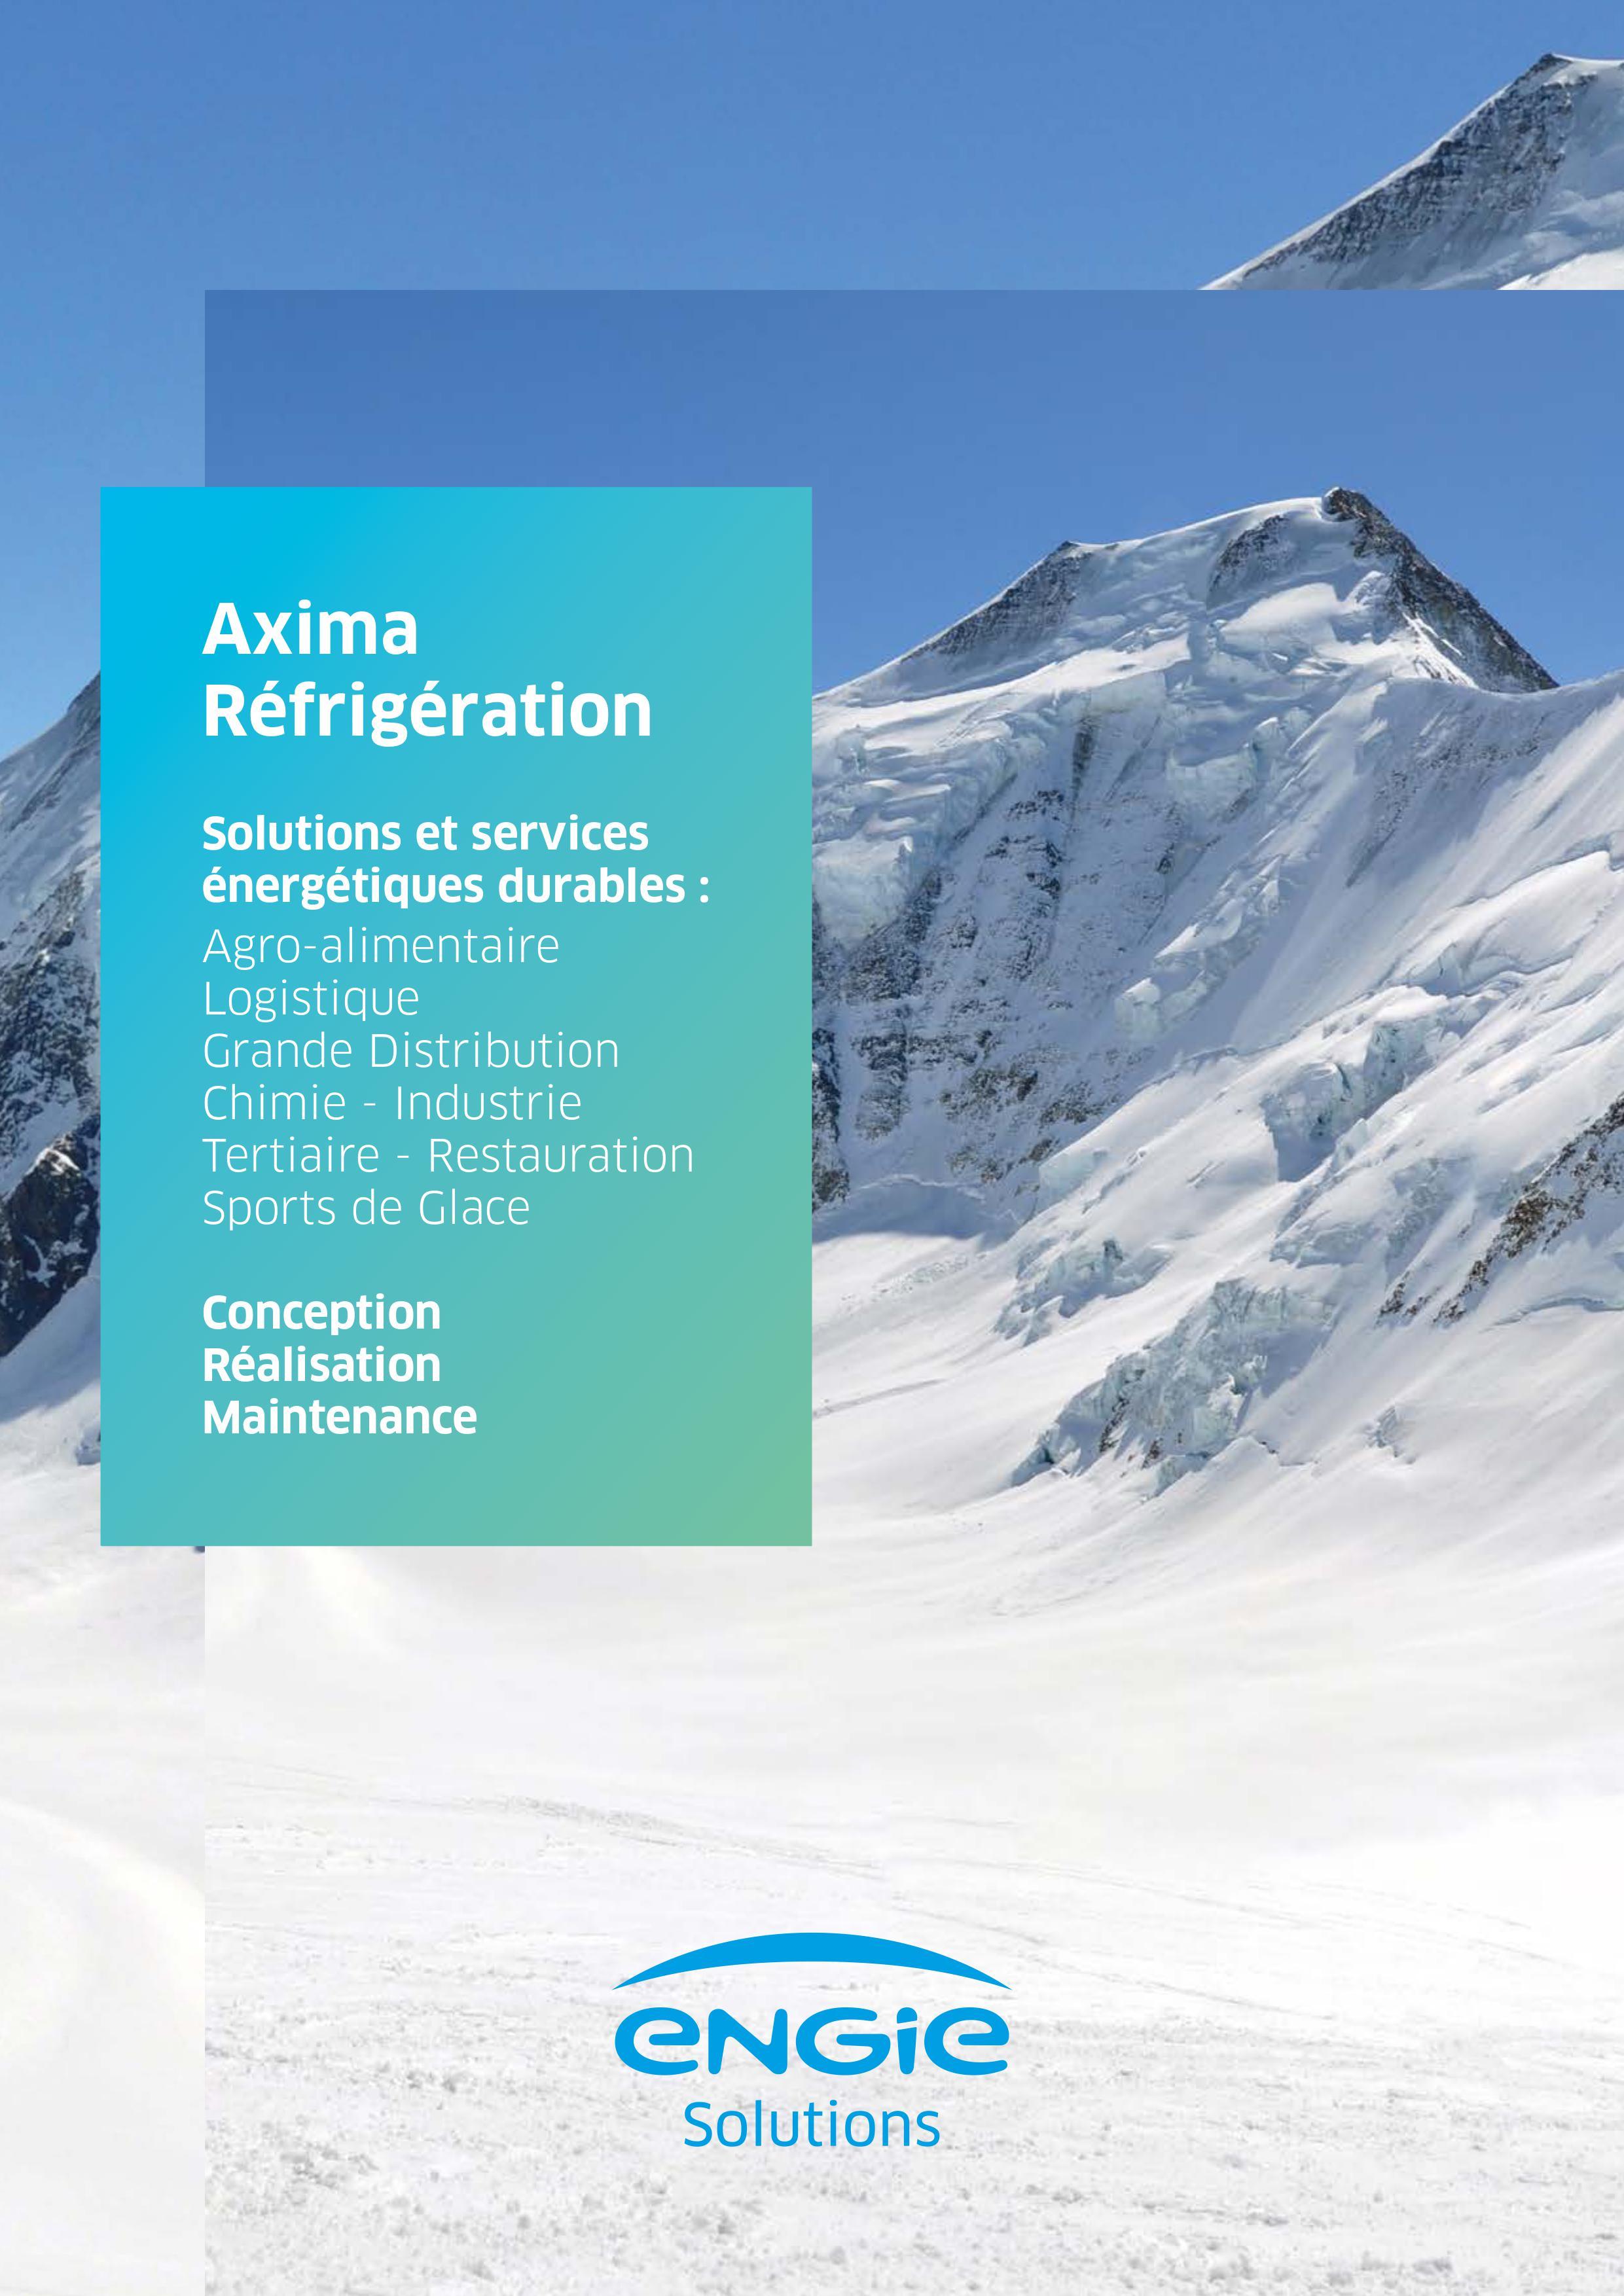 Plaquette Axima Réfrigération